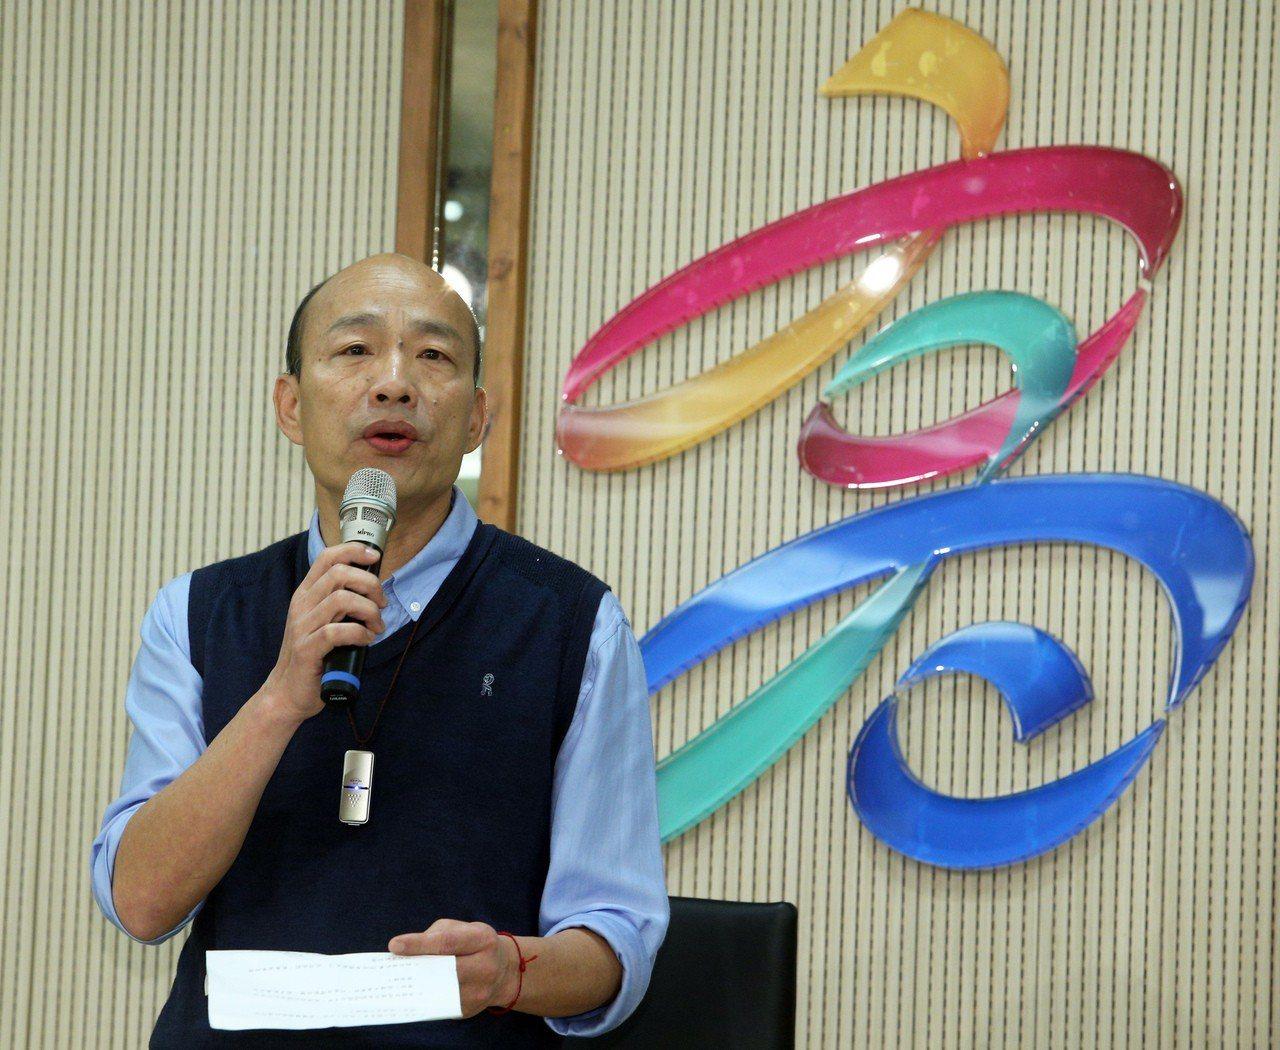 高雄市長韓國瑜上午發表聲明,說他無法參與現行國民黨的初選機制。 記者劉學聖/攝影